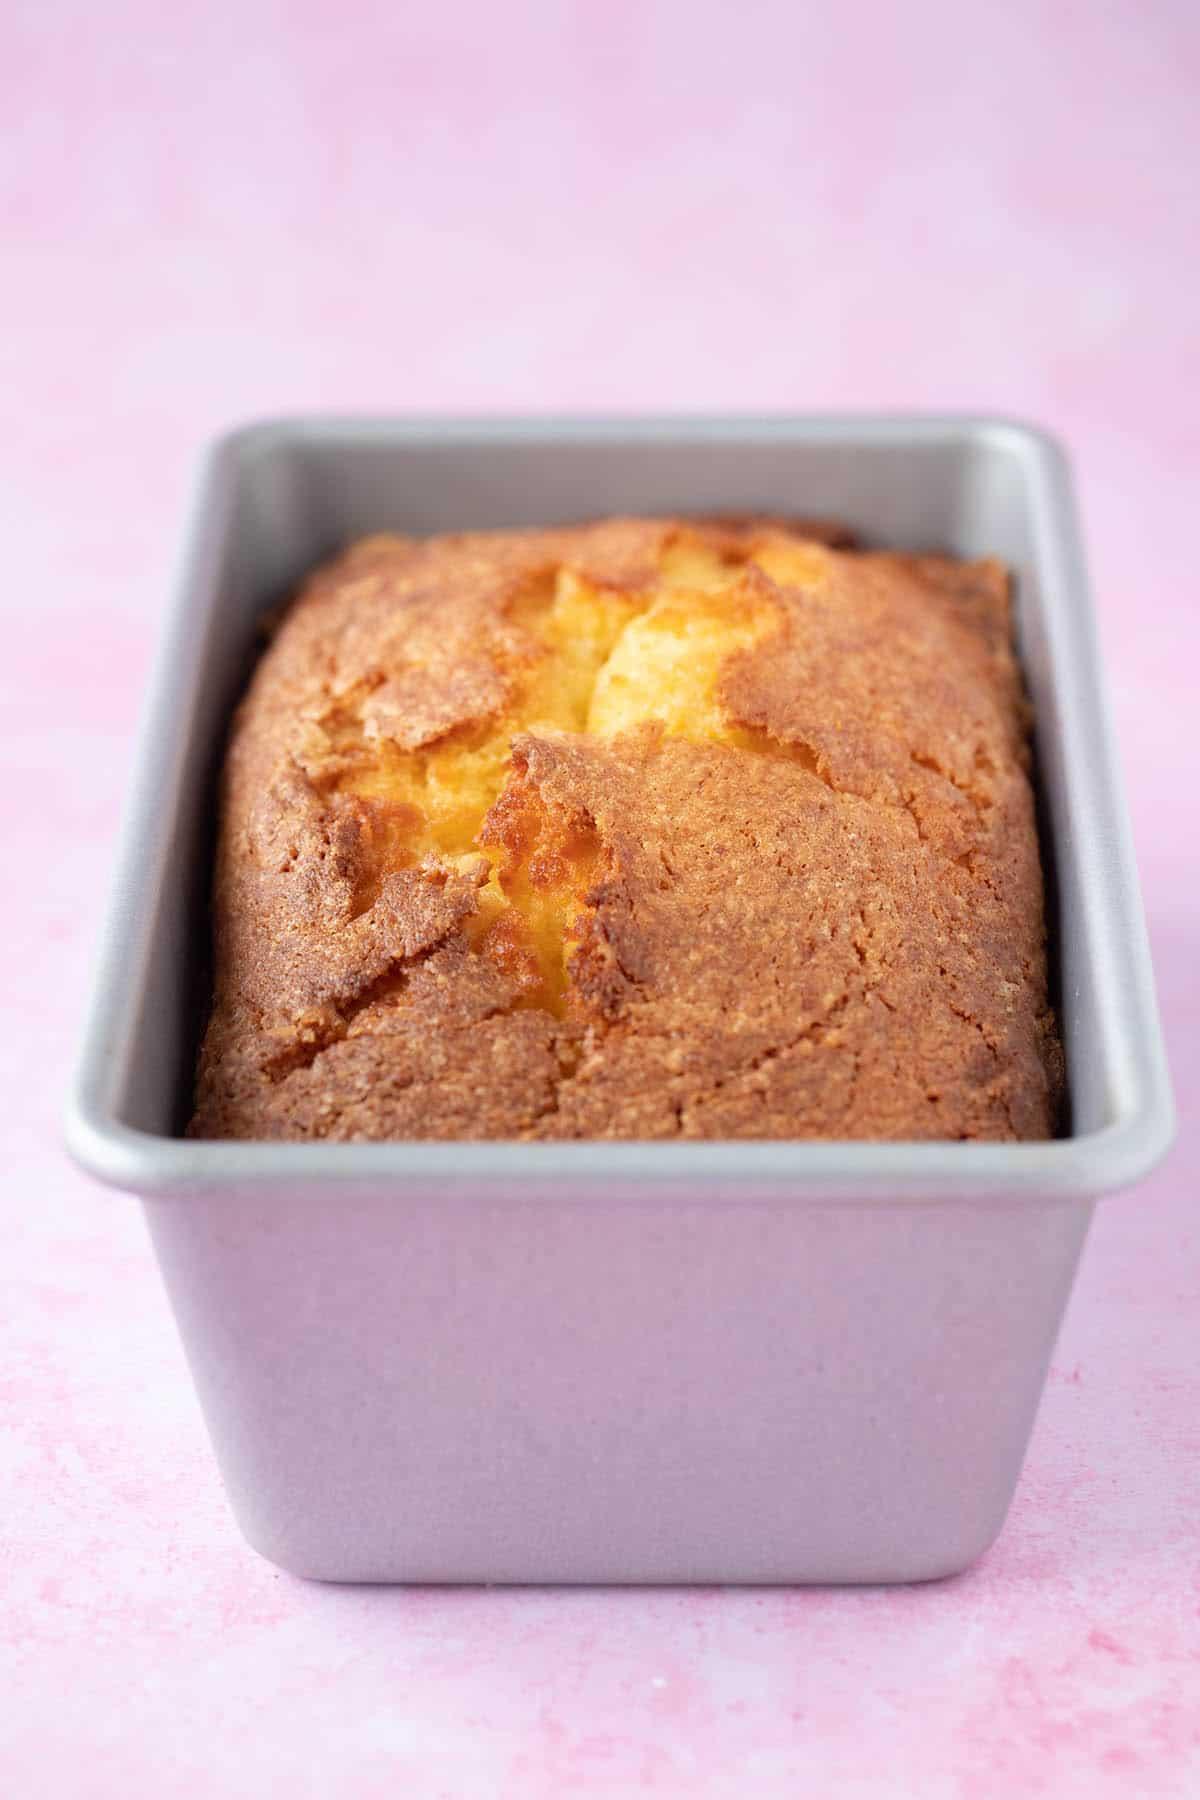 A homemade Gluten Free Orange Cake sitting in a cake pan